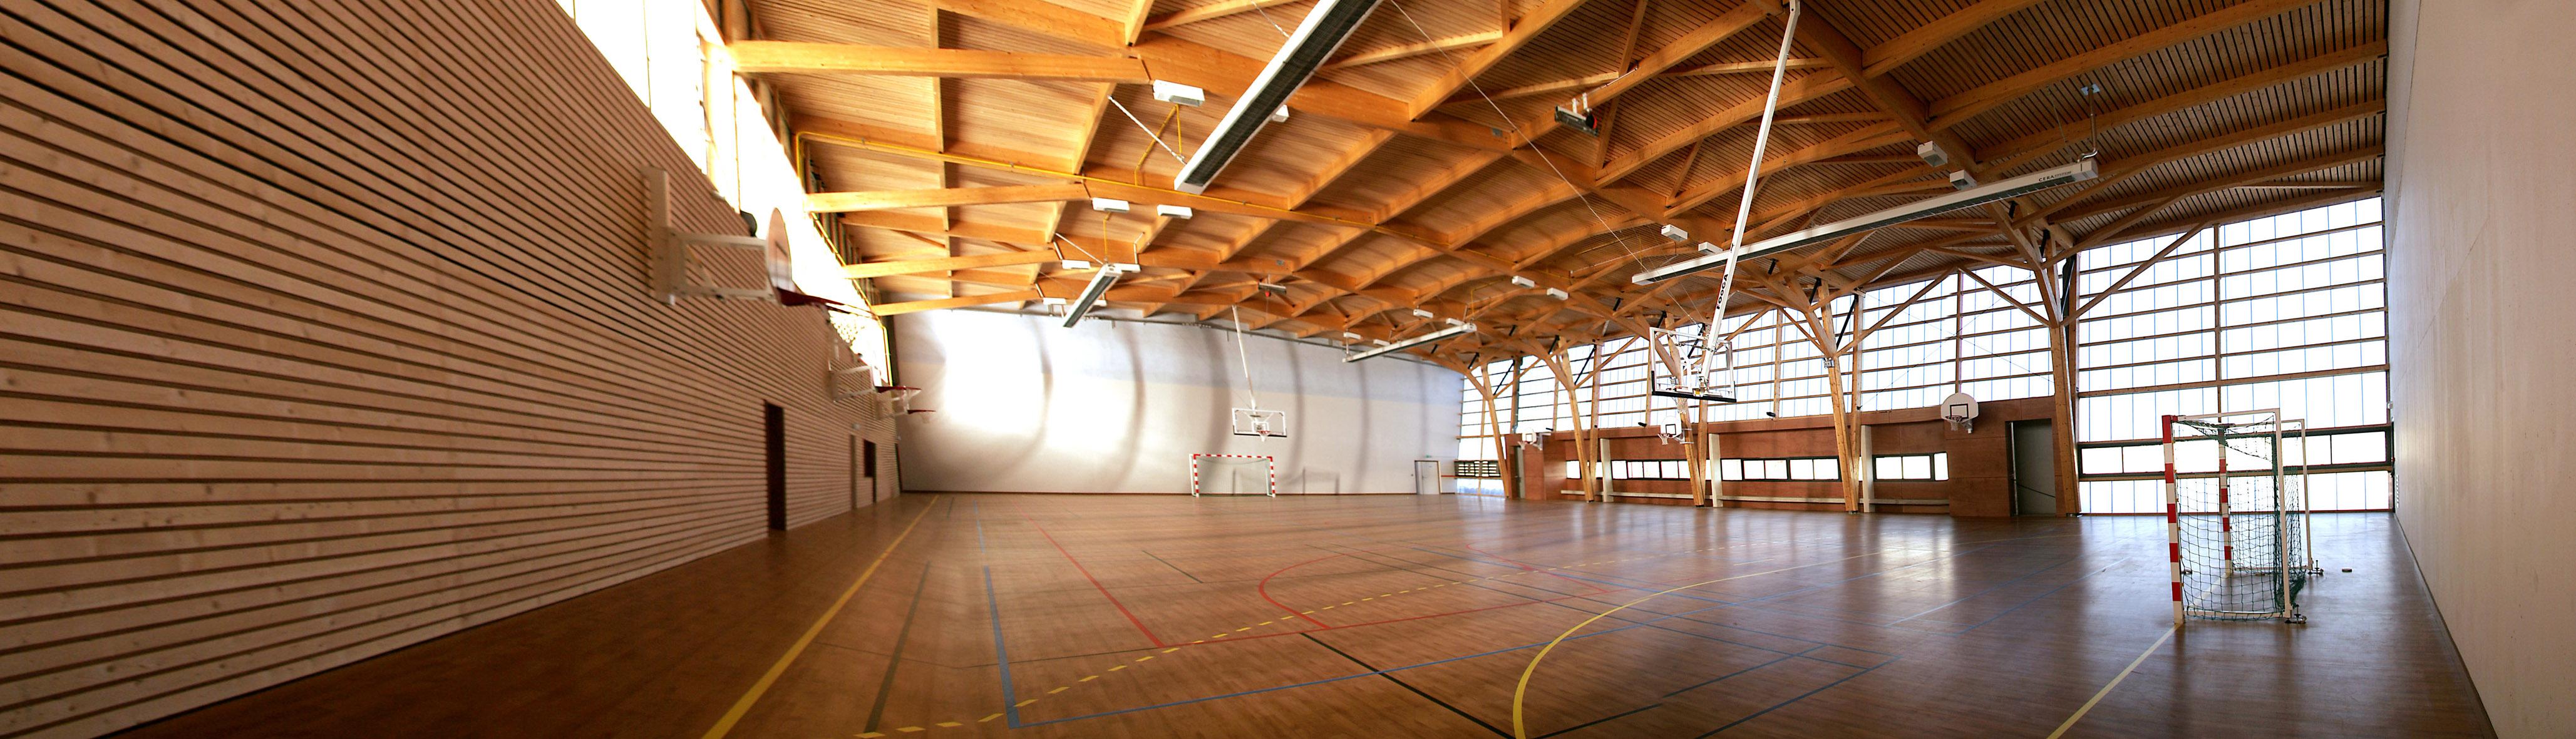 ae_gym_plateau-sportif